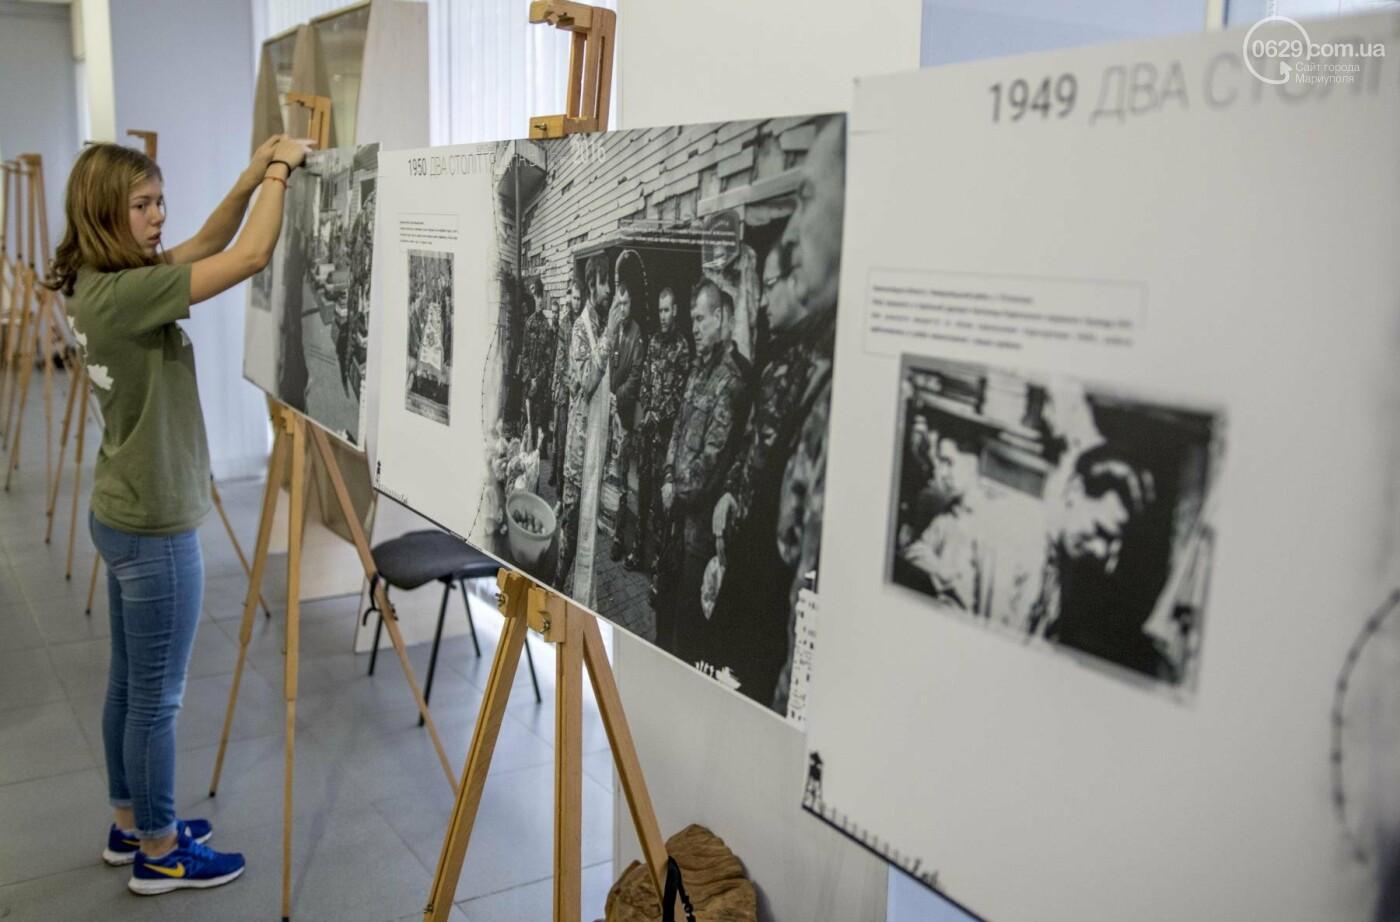 Фотовыставка «Два столетия, одна война»: в Мариуполе провели параллель между войной на Донбассе и борьбой УПА (ФОТО, ВИДЕО), фото-4